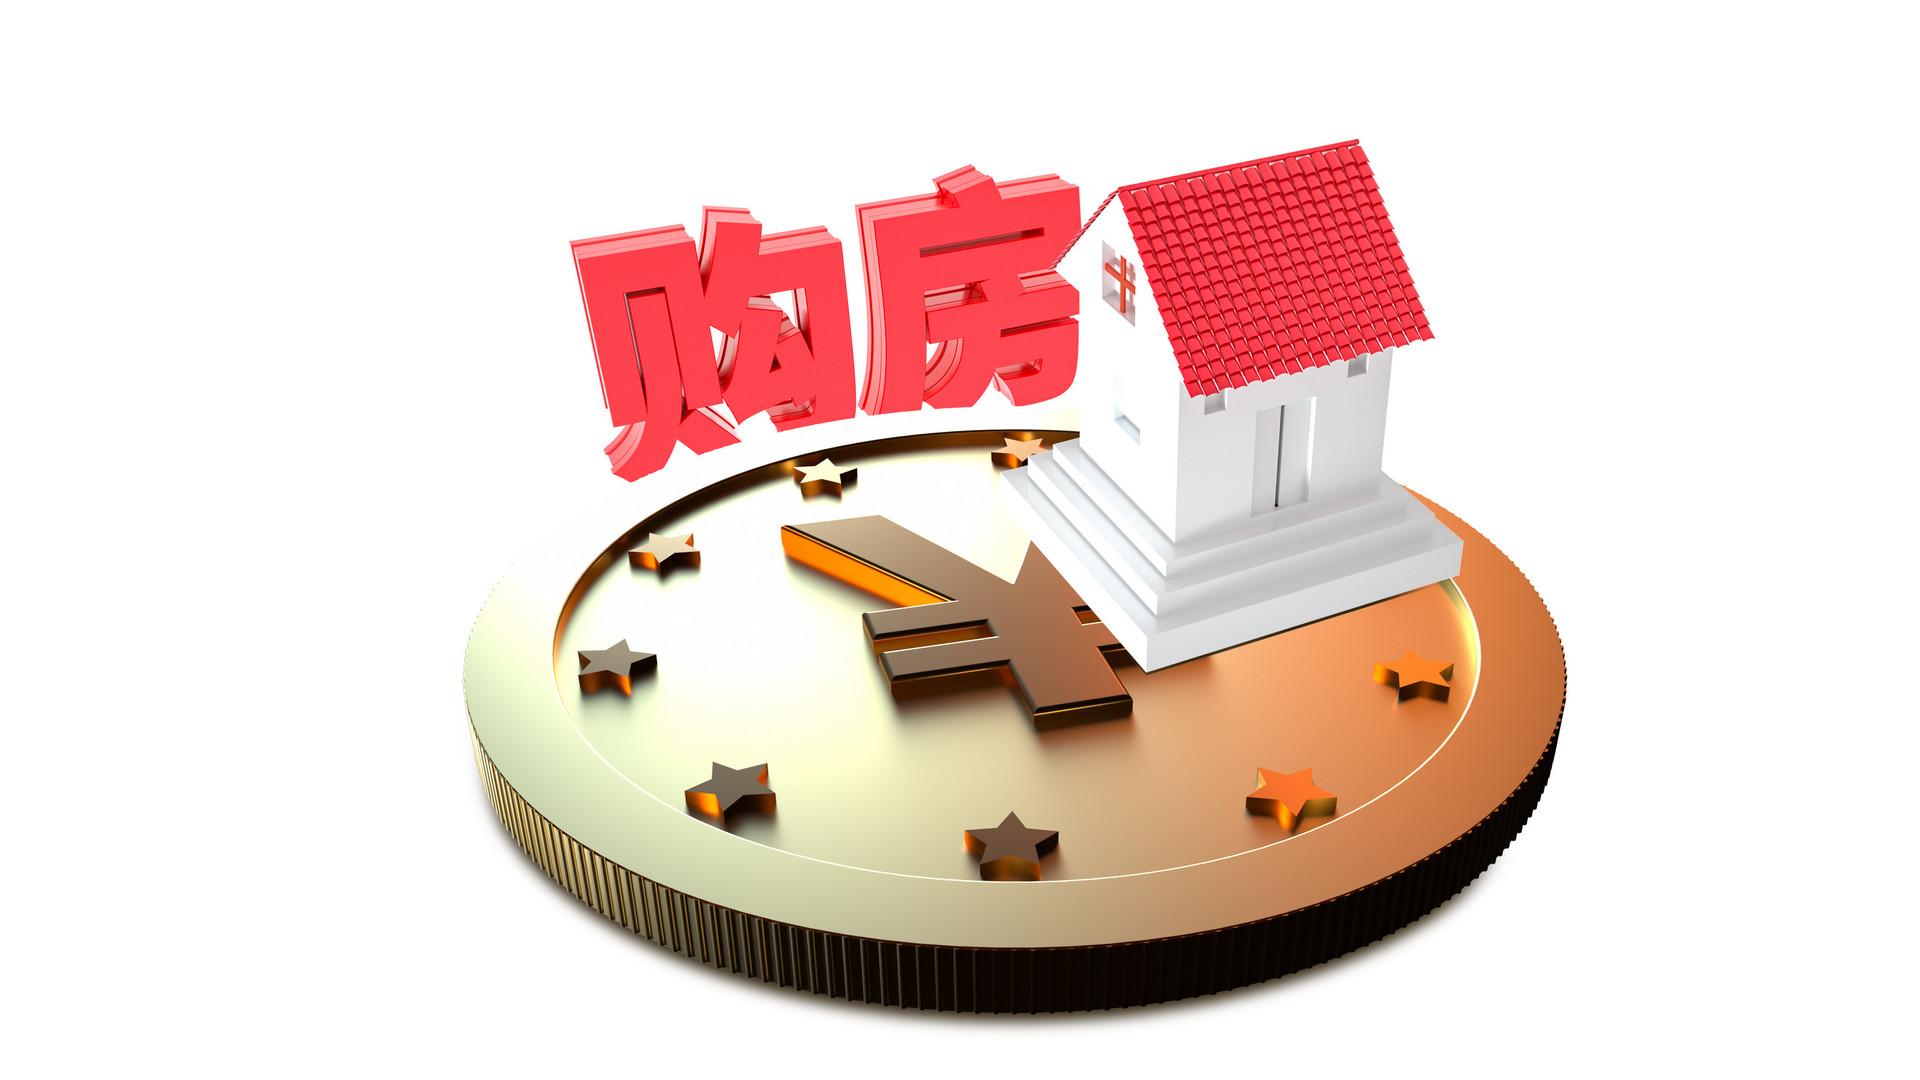 借用他人名义买房有什么法律风险?